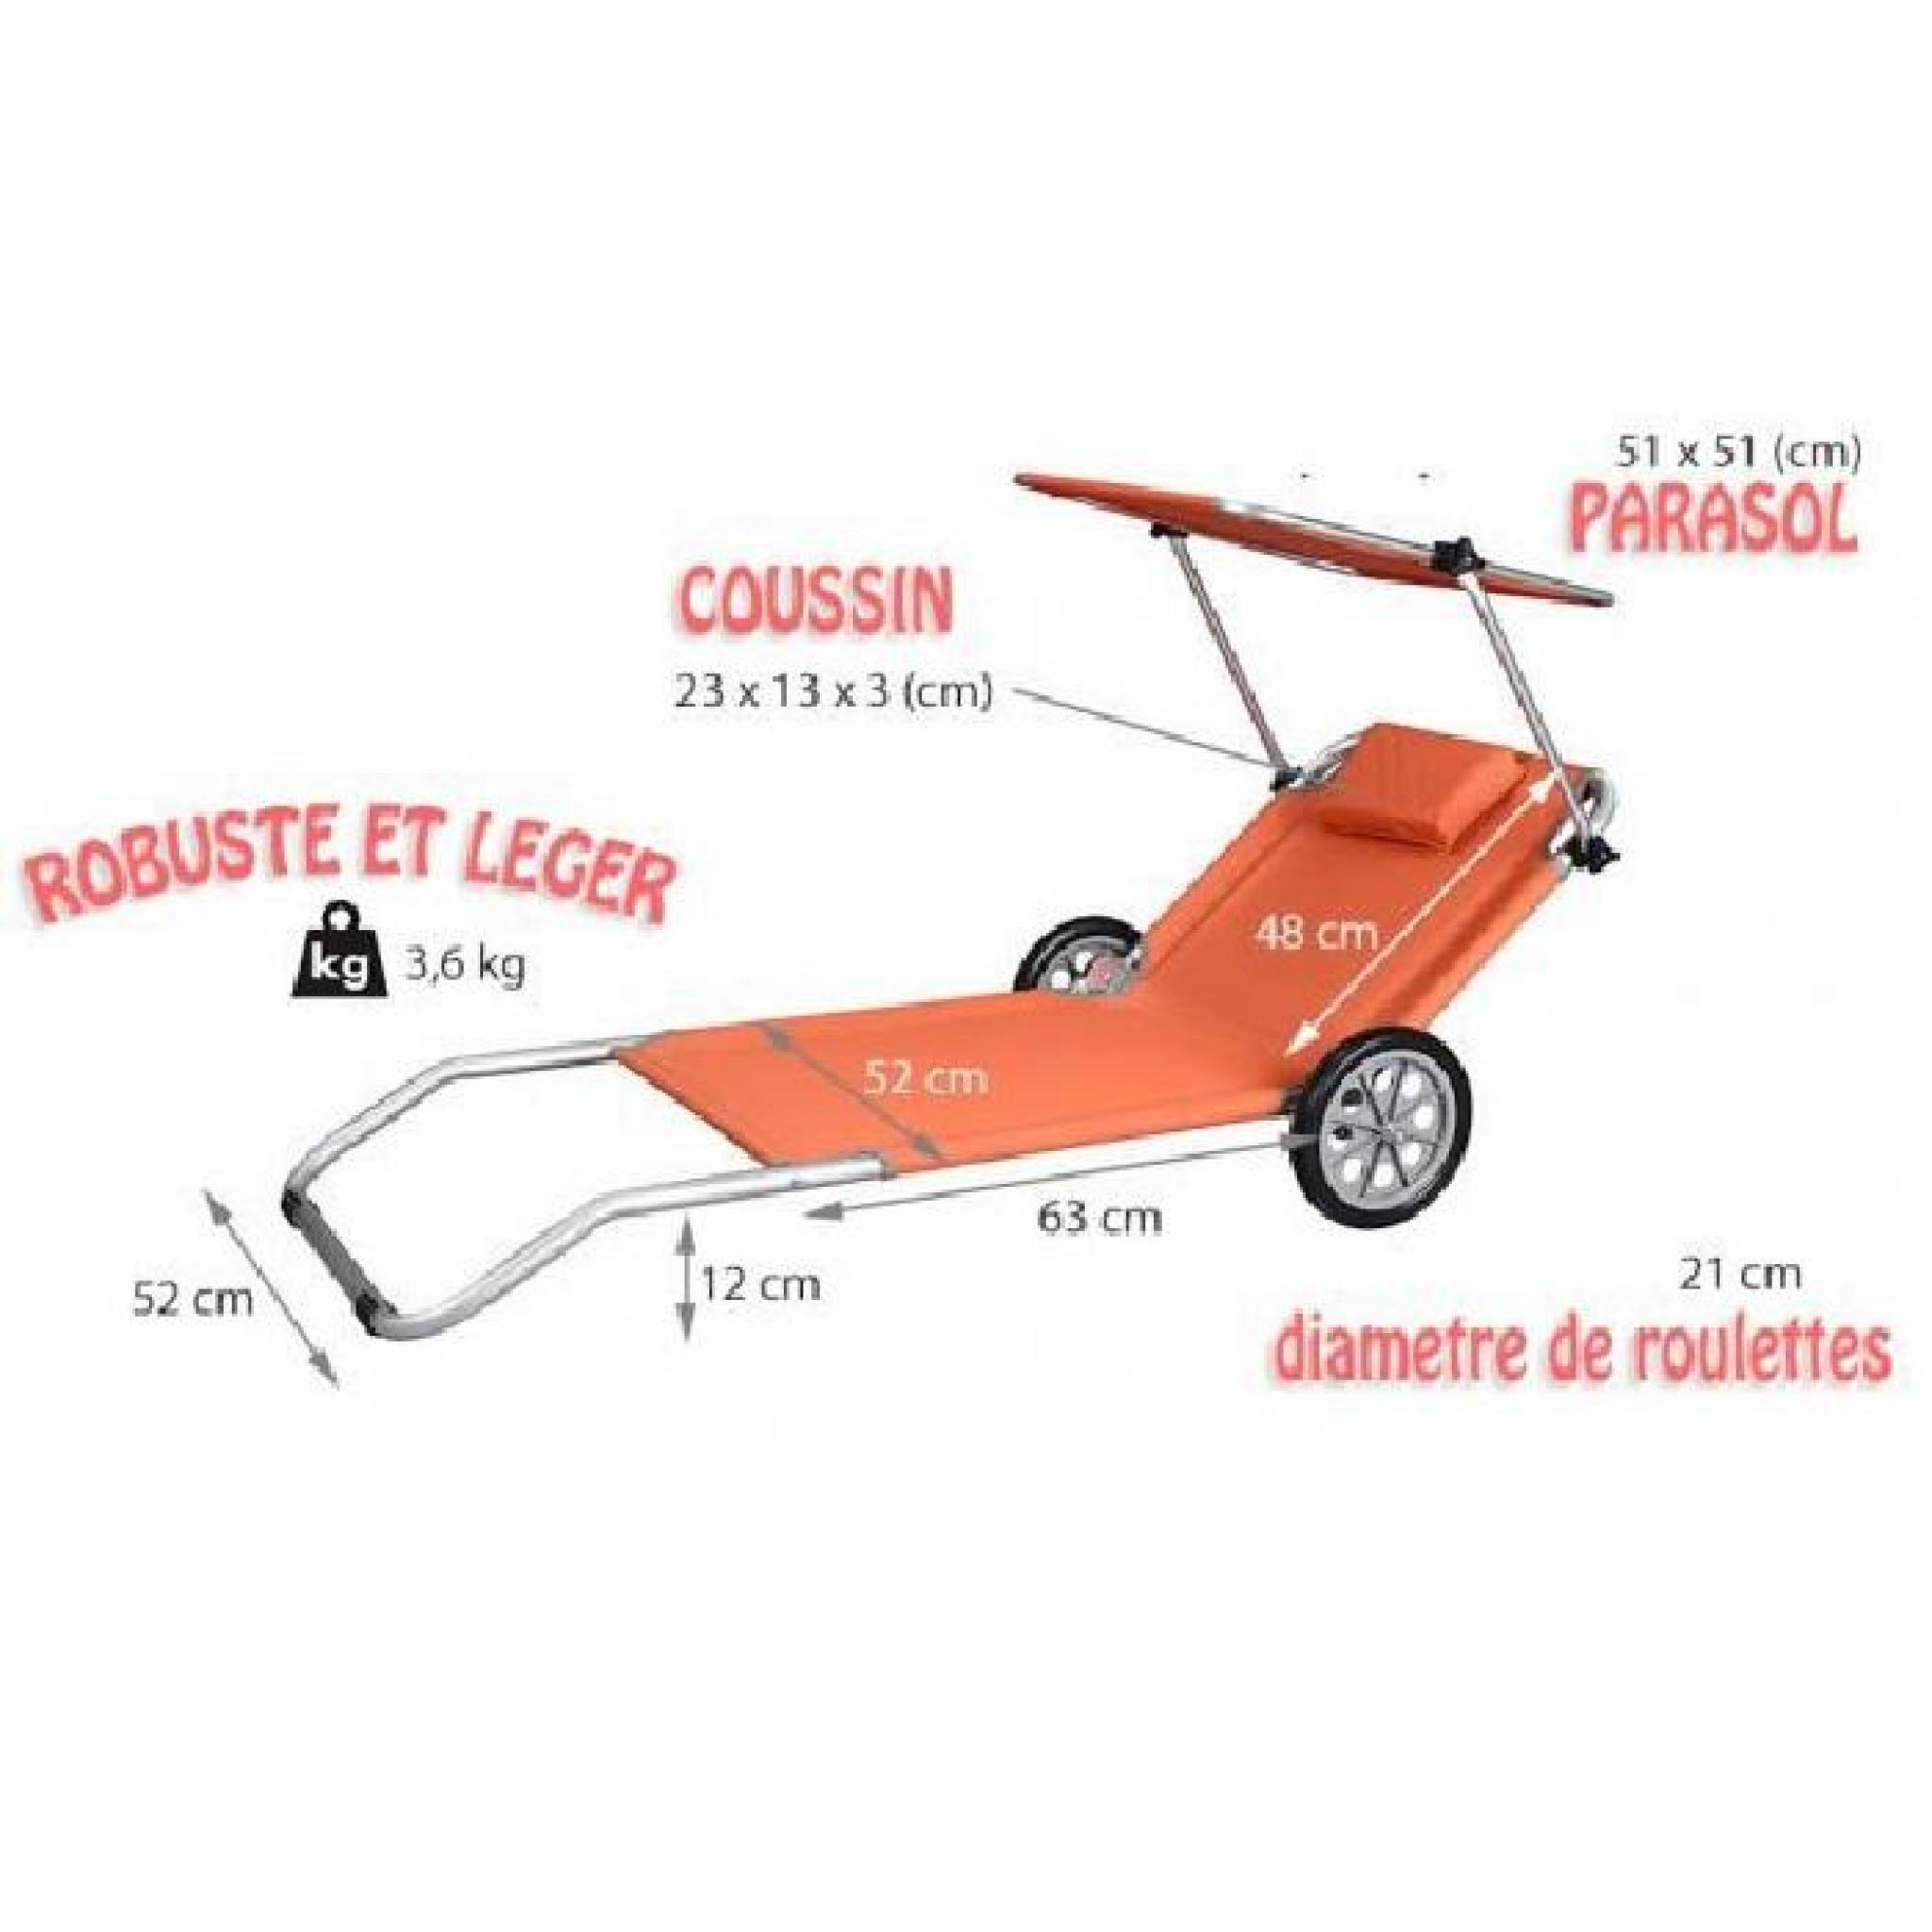 Transat Plage Chaise Longue A Roulettes Malibu Orange Parasol Integre Chariot Achat Vente Transat De Jardin Pas Cher Coindujardin Com